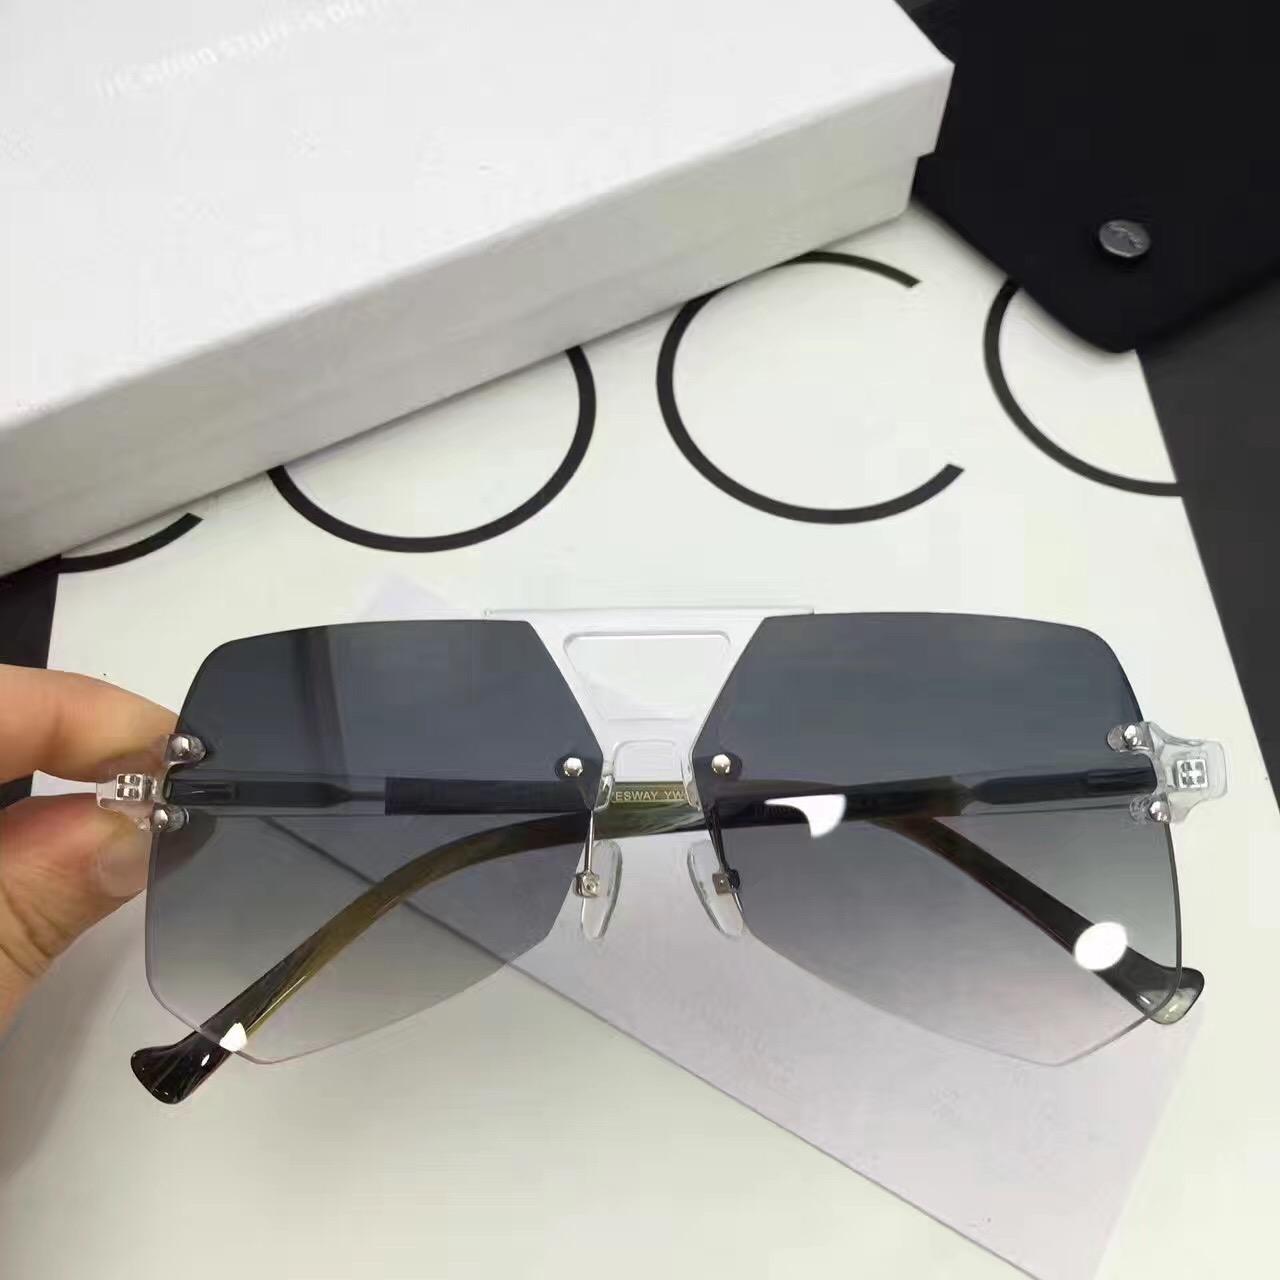 这是第2张各种大牌太阳镜镜框 支持一件代发的货源图片